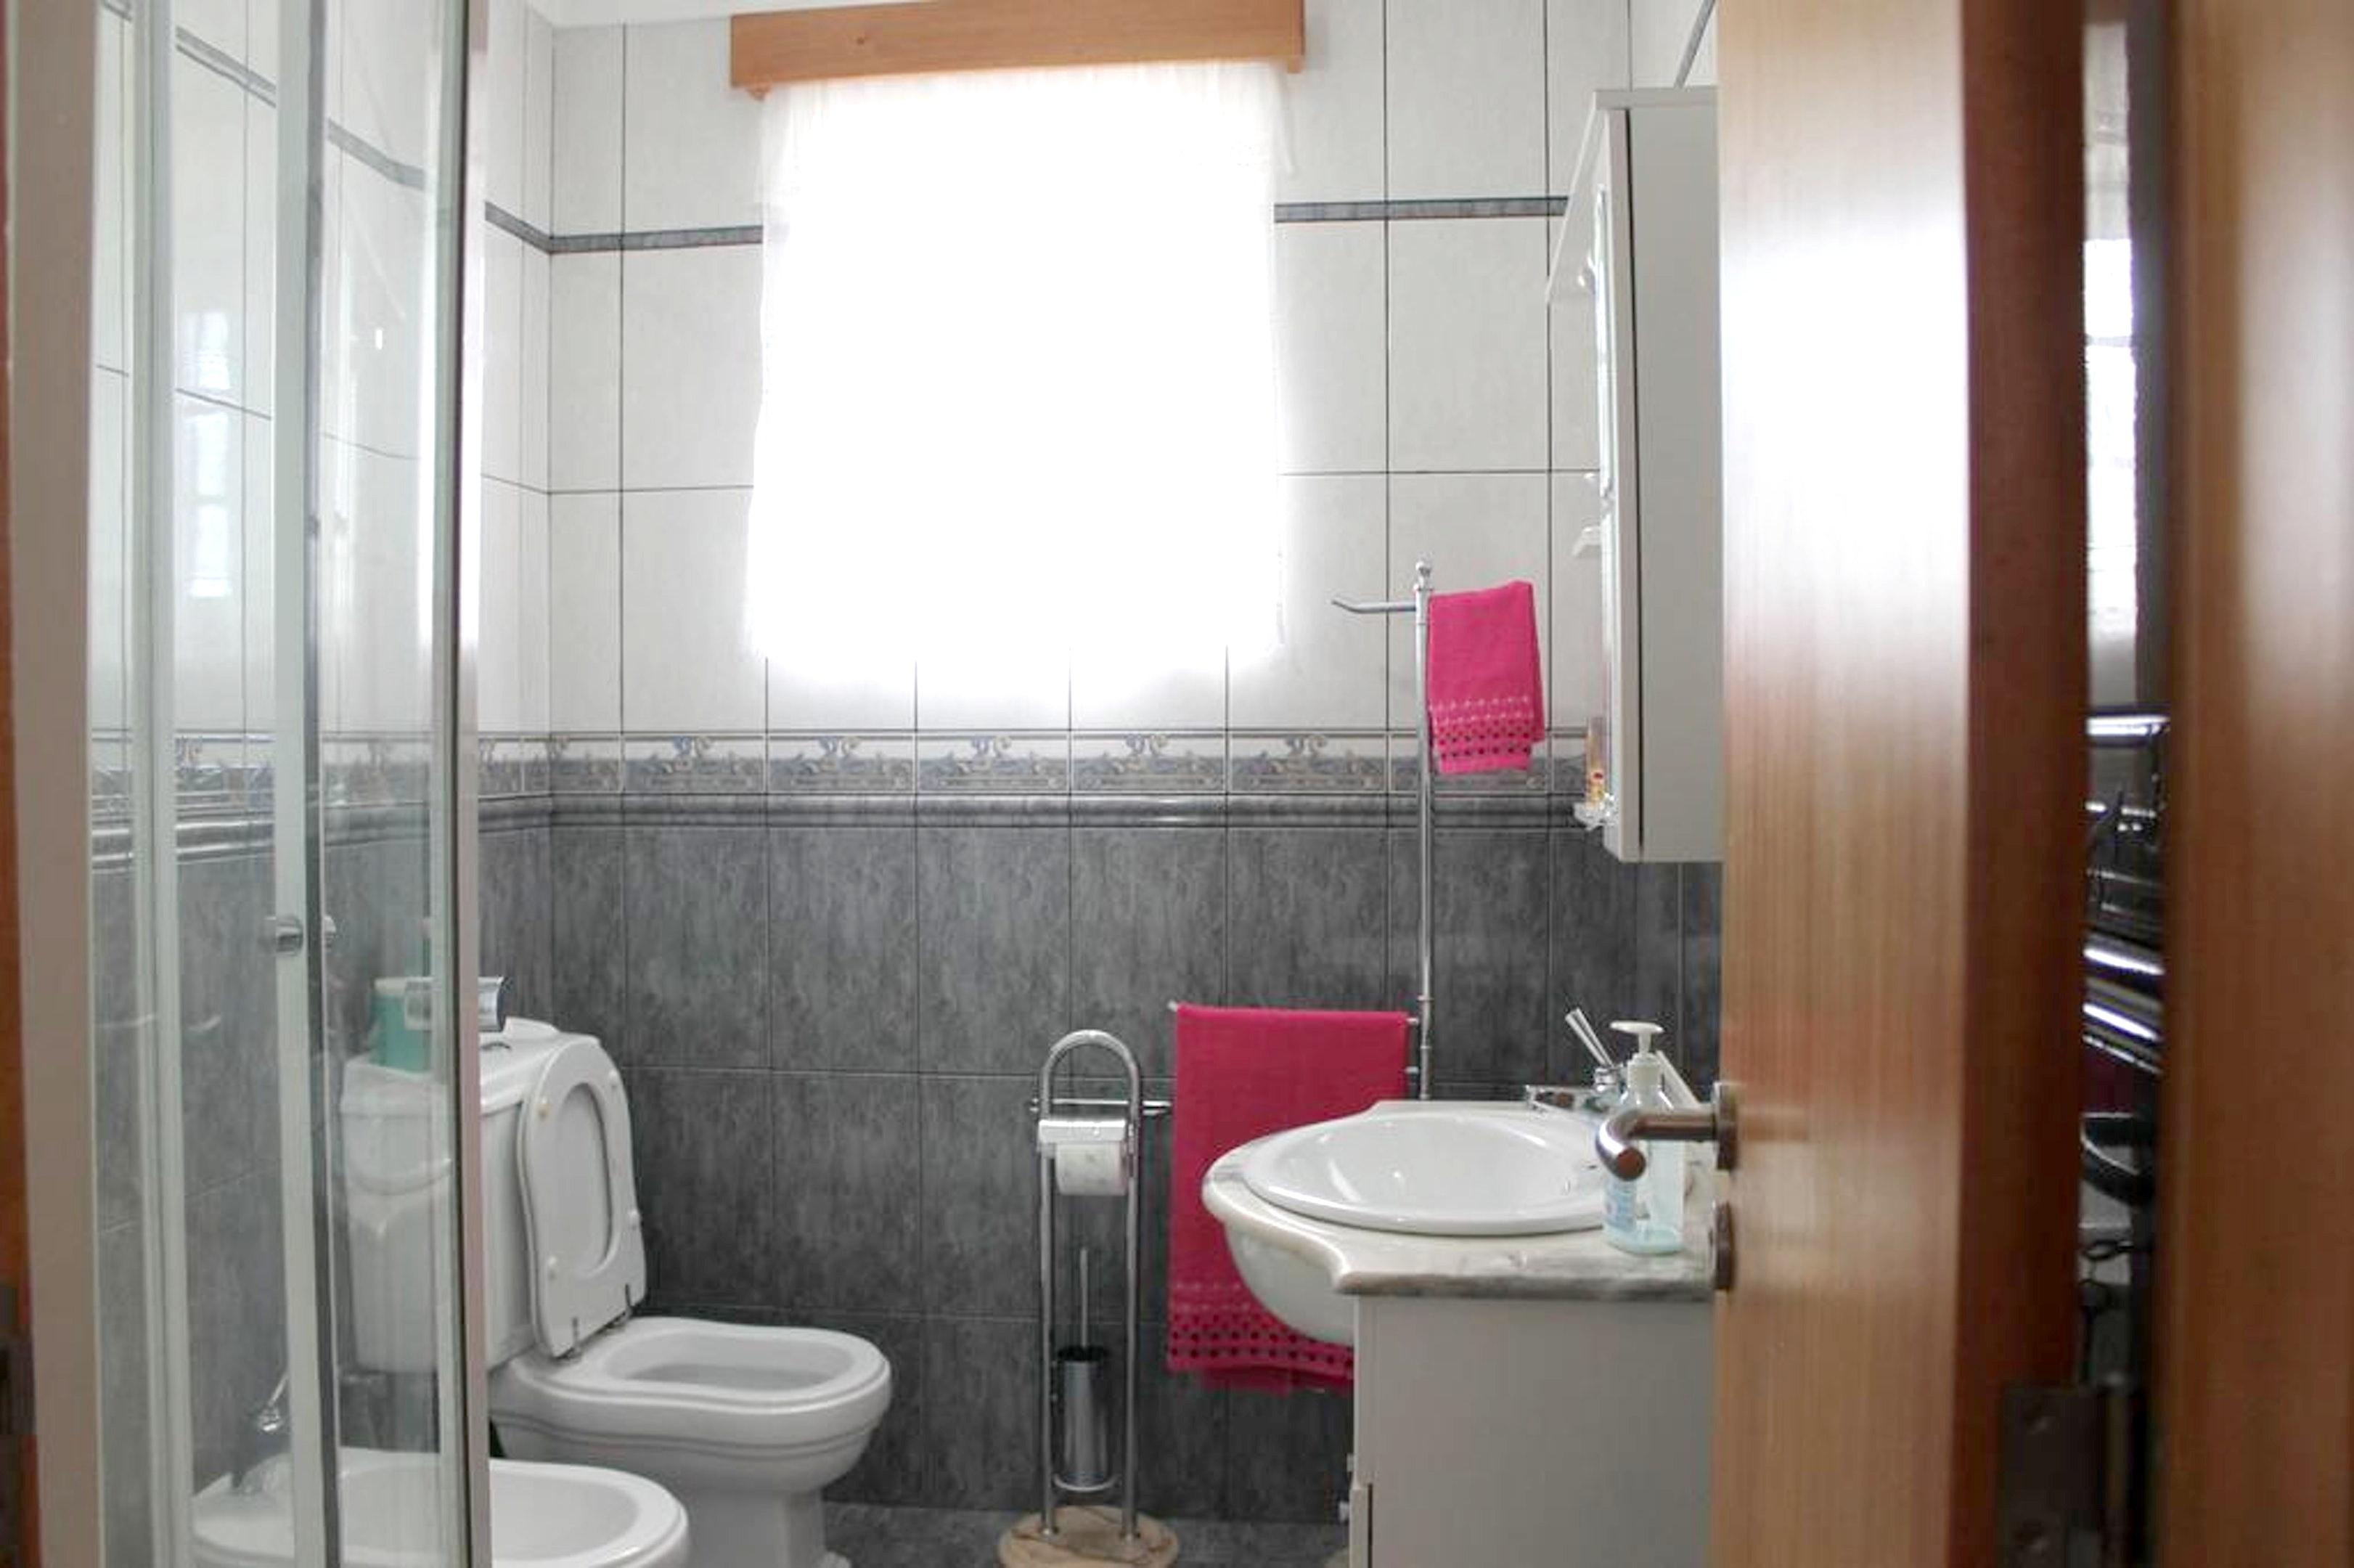 Ferienhaus Haus mit 3 Schlafzimmern in Prainha mit herrlichem Meerblick, eingezäuntem Garten und W-LA (2683894), Prainha, Pico, Azoren, Portugal, Bild 21